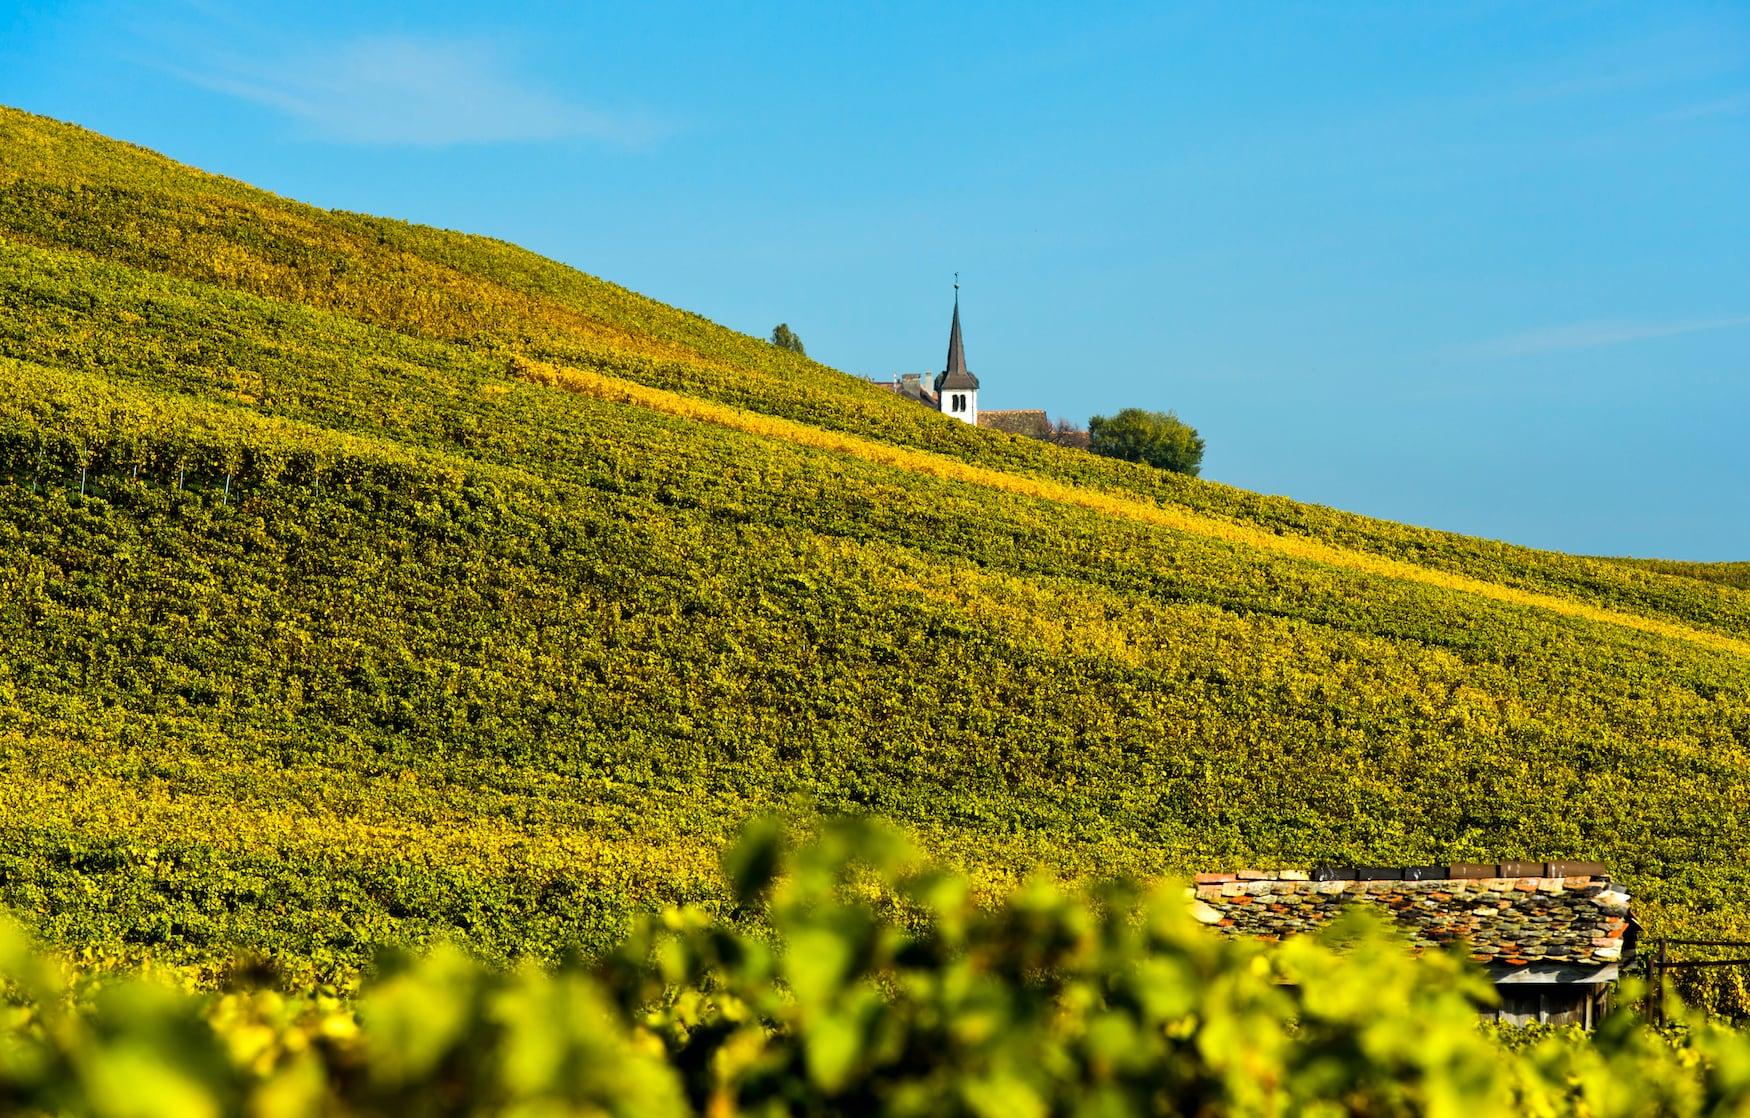 Weinberge in herbstlicher Farbe im Weinbaugebiet La Côte, dahinter Kirche des Weindorfes Fechy, Fechy, Waadt, Schweiz